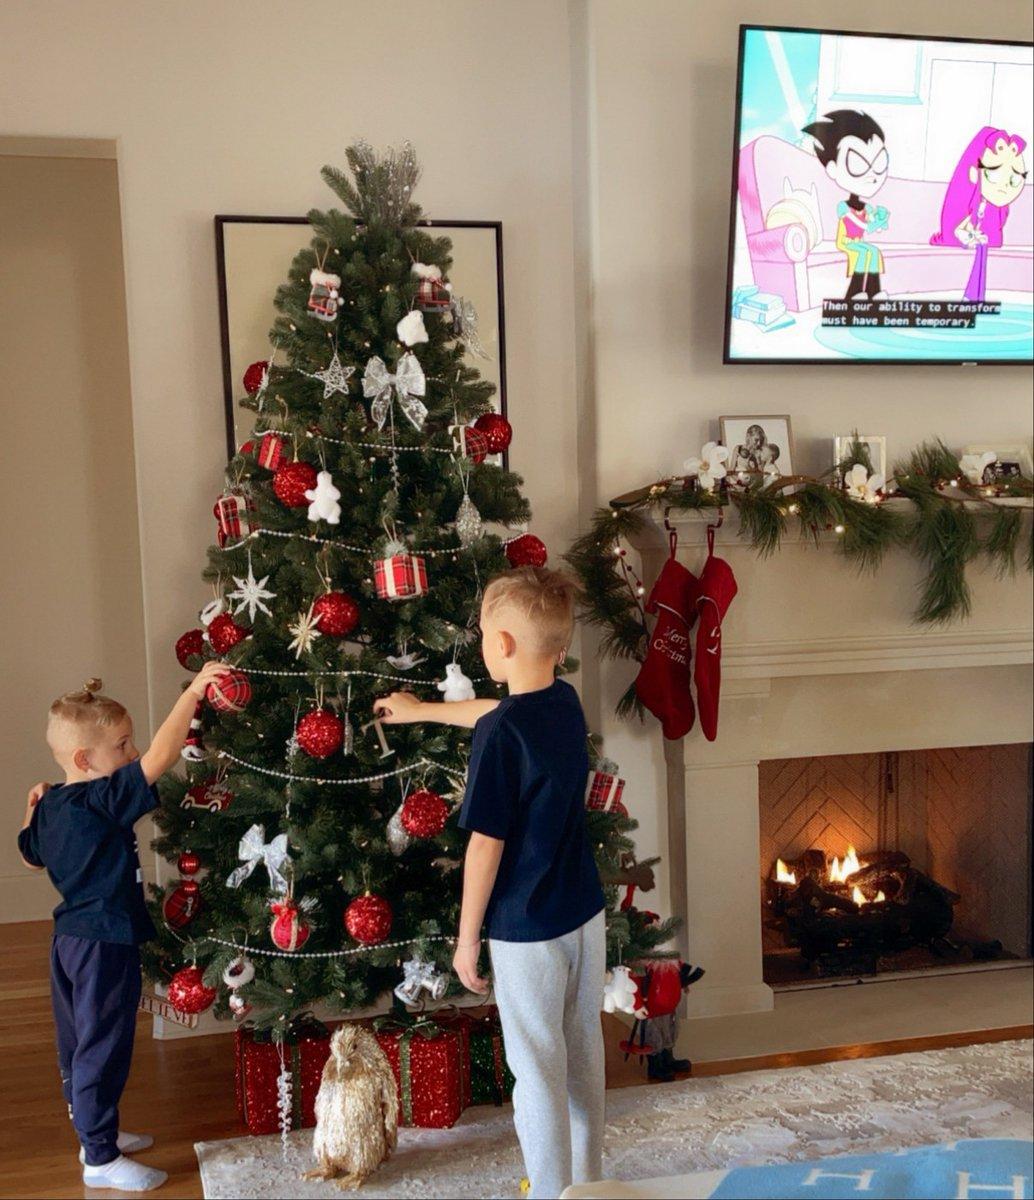 Let's start the countdown 🎁🎄  #ThisIsJonas #ChristmasMood #FamilyTime https://t.co/Ec0T0W57t3